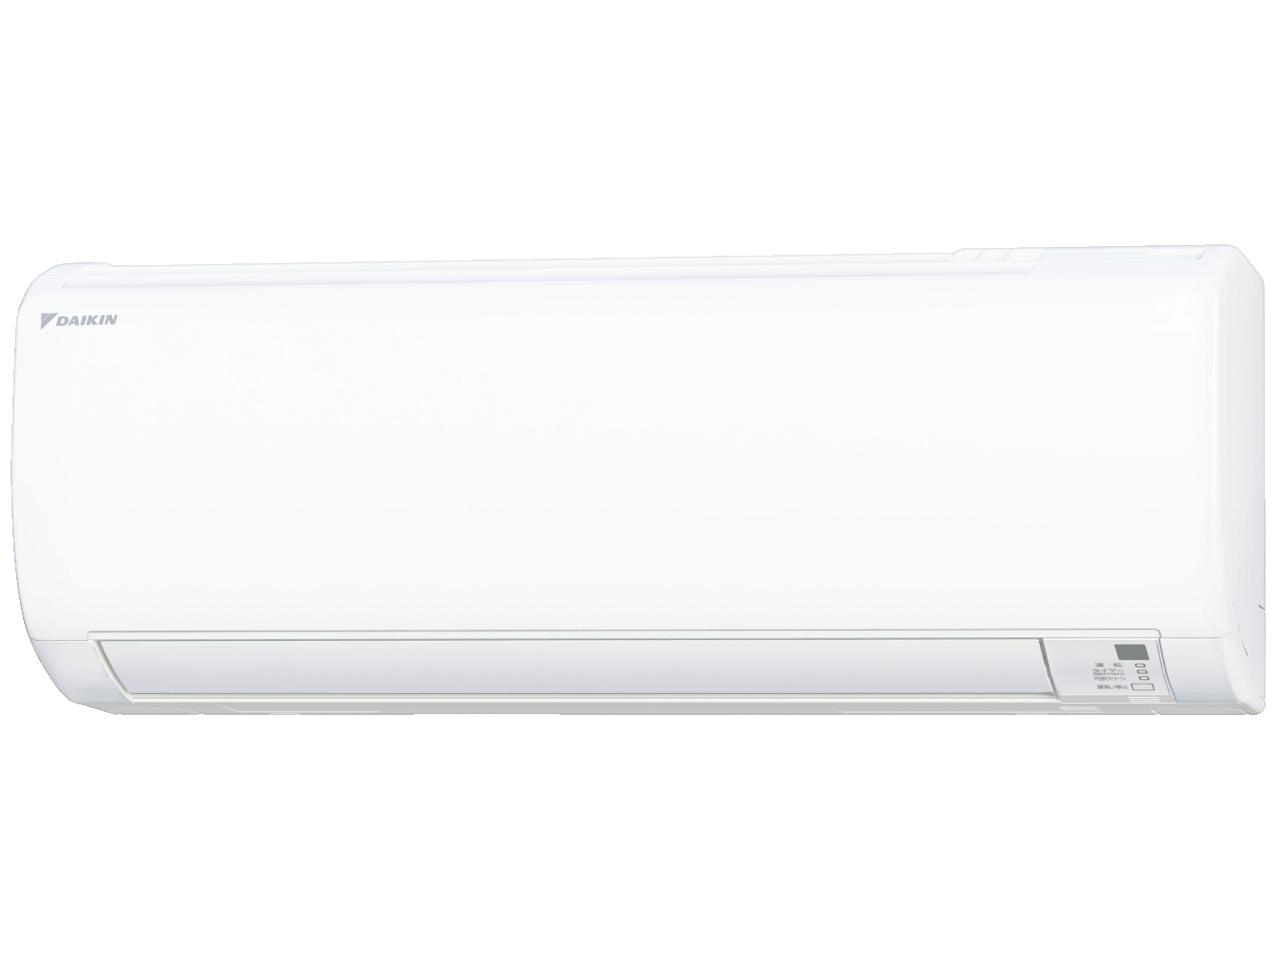 ダイキン 19年モデル Eシリーズ S28WTES-W 【100V用】10畳用冷暖房除湿エアコン